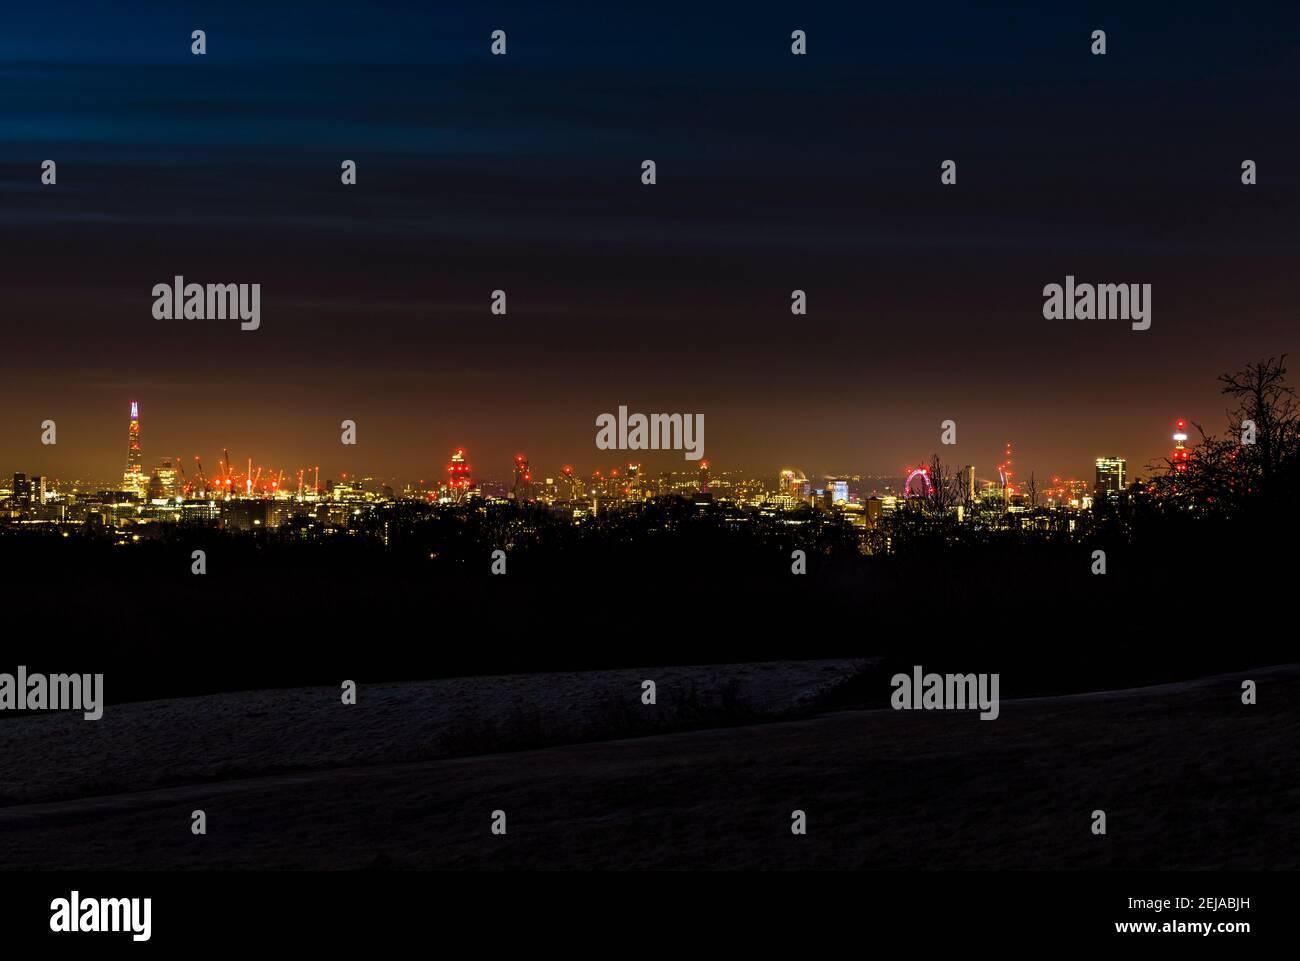 Vista panorámica de Londres desde el Shard hasta la Torre BT, tomada antes del amanecer desde Hampstead Heath, Londres, Reino Unido Foto de stock